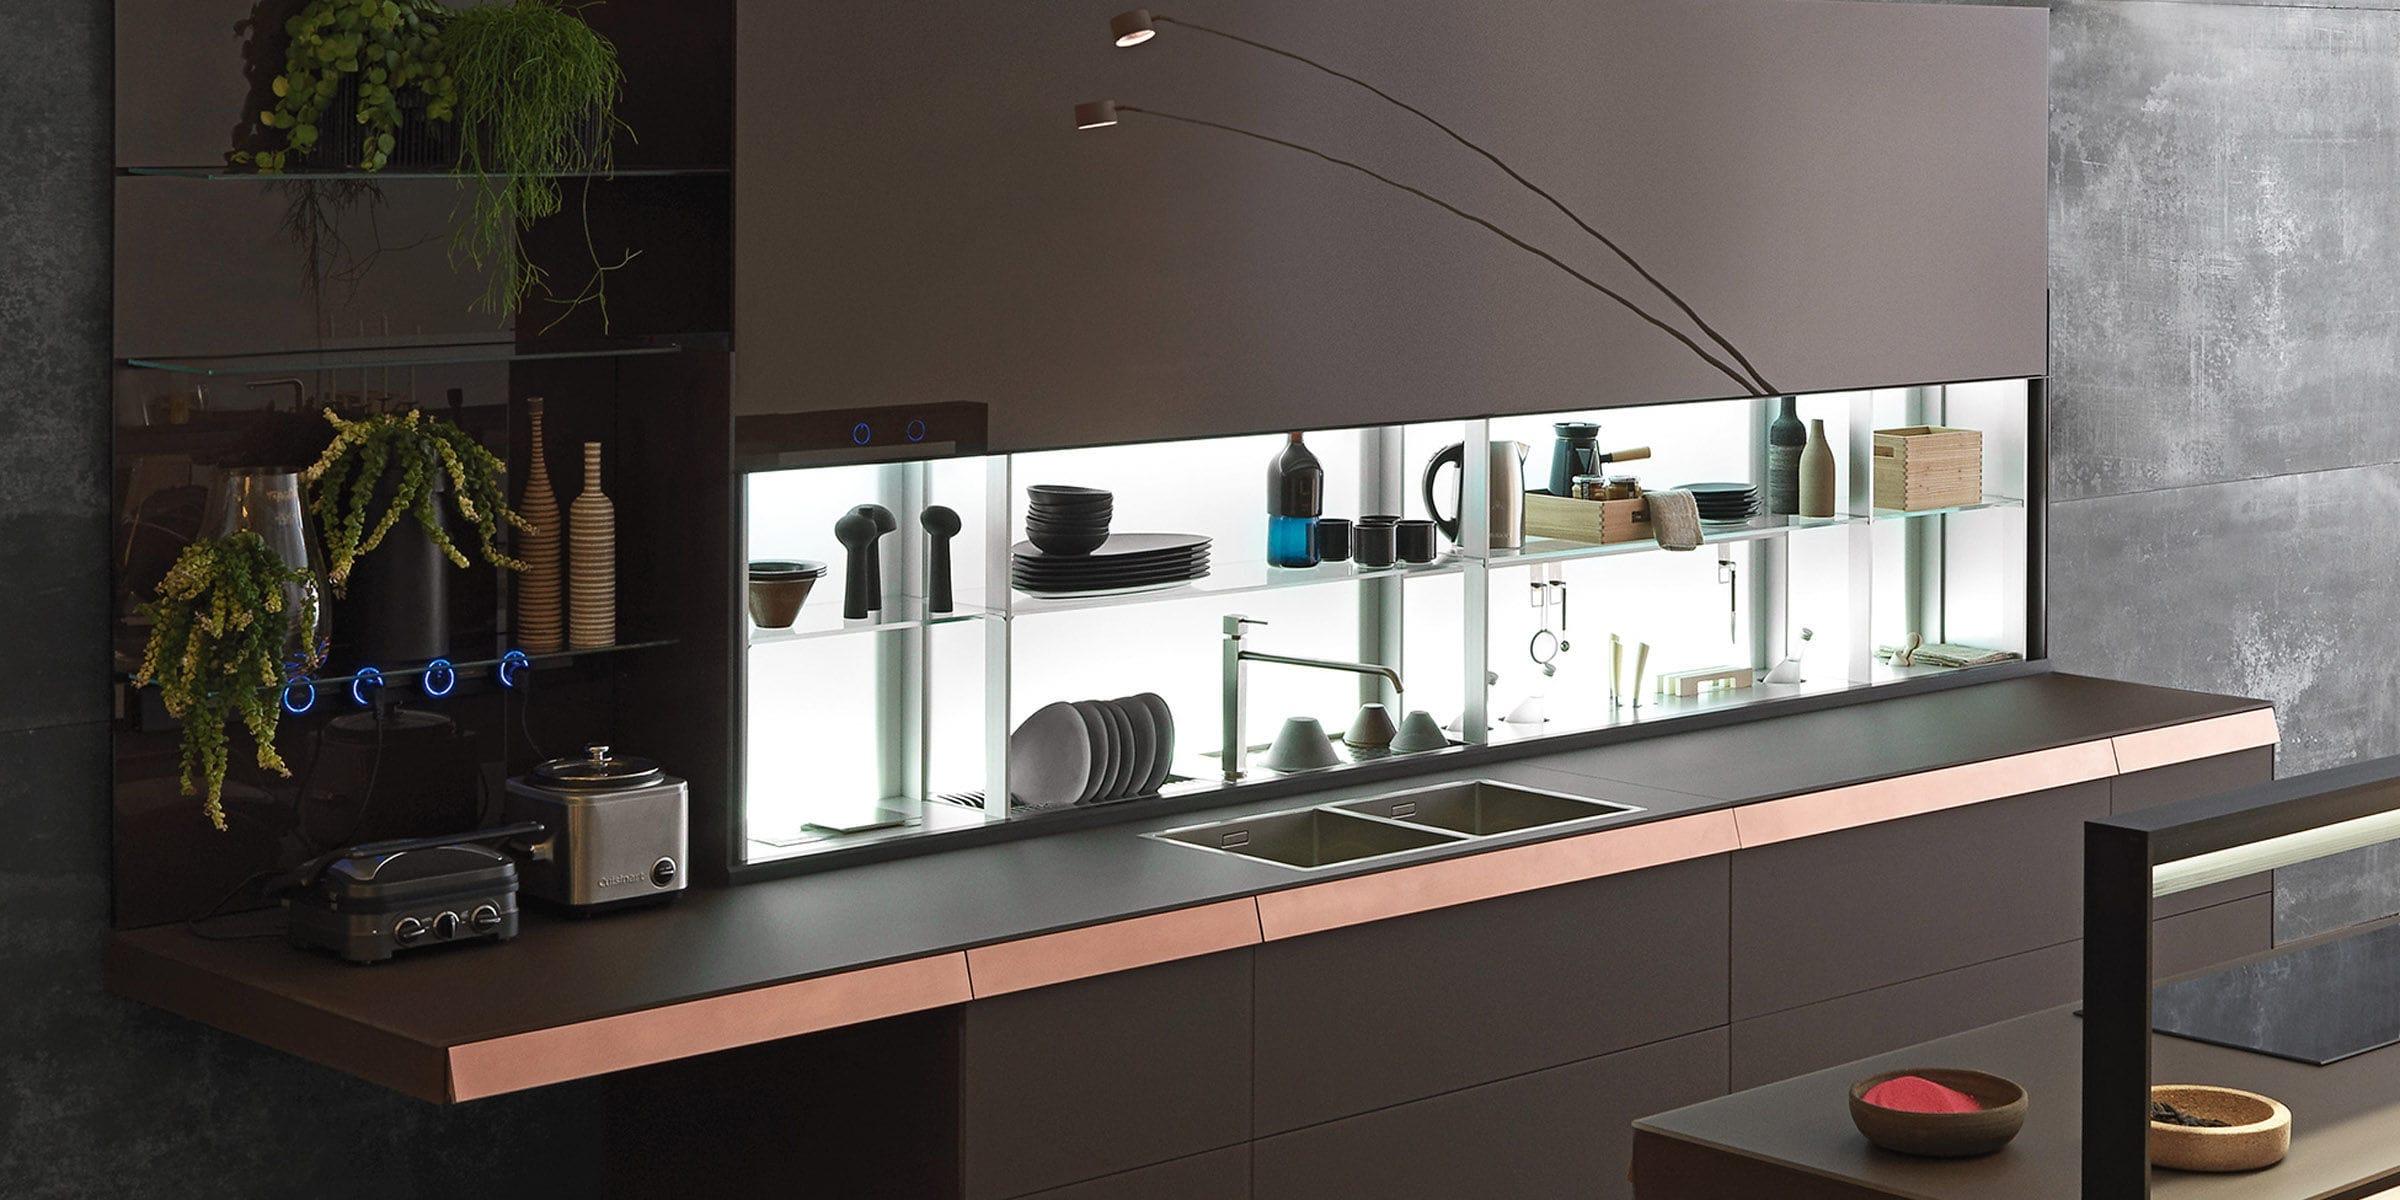 Étagère contemporaine / en verre / pour cuisine / éclairée - AIR ...